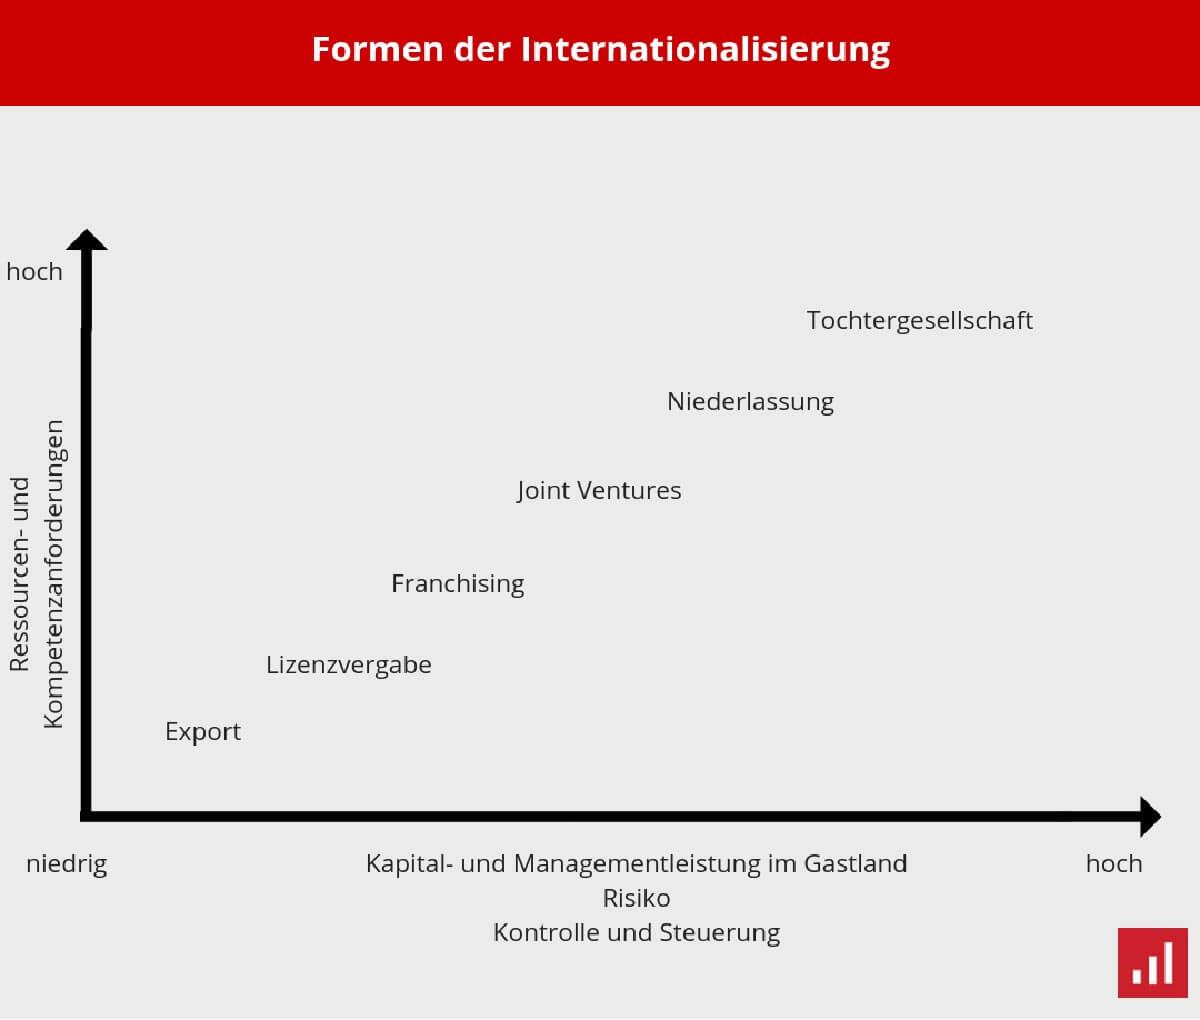 verschiedene Formen der Internationalisierung